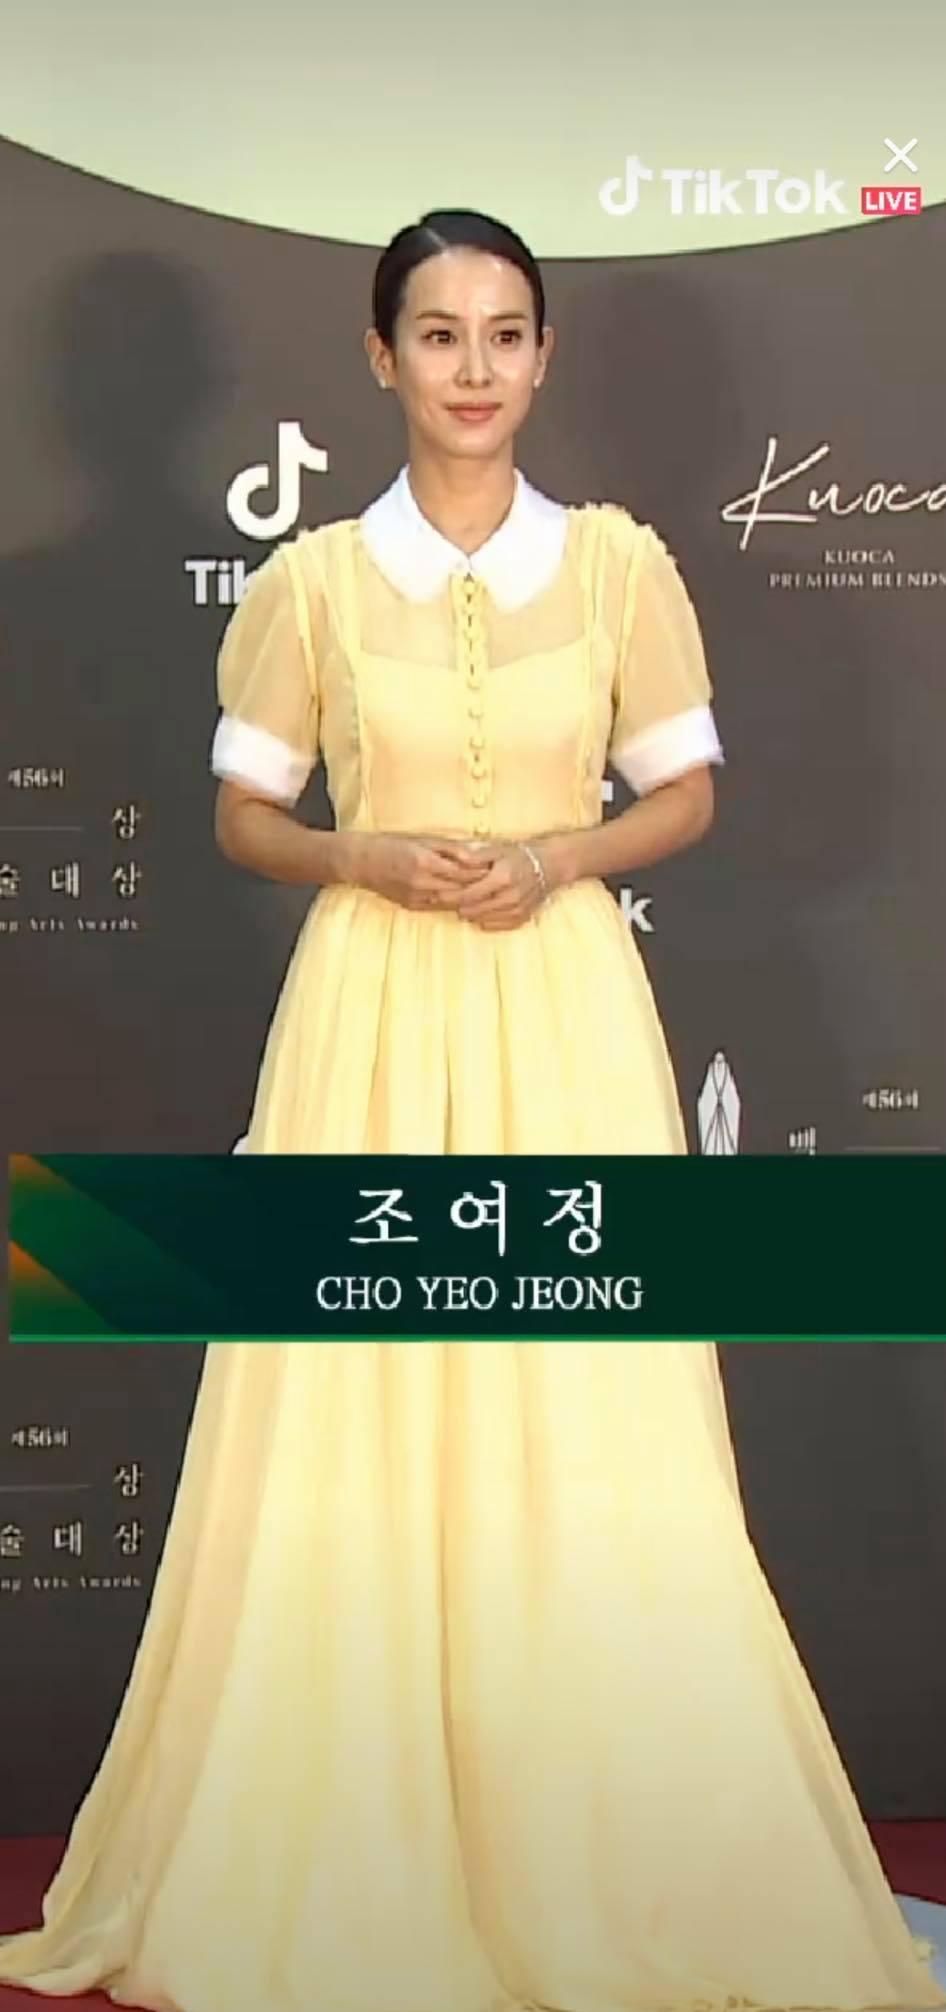 Thảm đỏ Baeksang Arts Awards 2020: 'Chị đại Triều Tiên' Seo Ji Hye chiếm spotlight với váy trắng lấp lánh, Kwon Nara diện váy hồng 'sến sẩm' 2